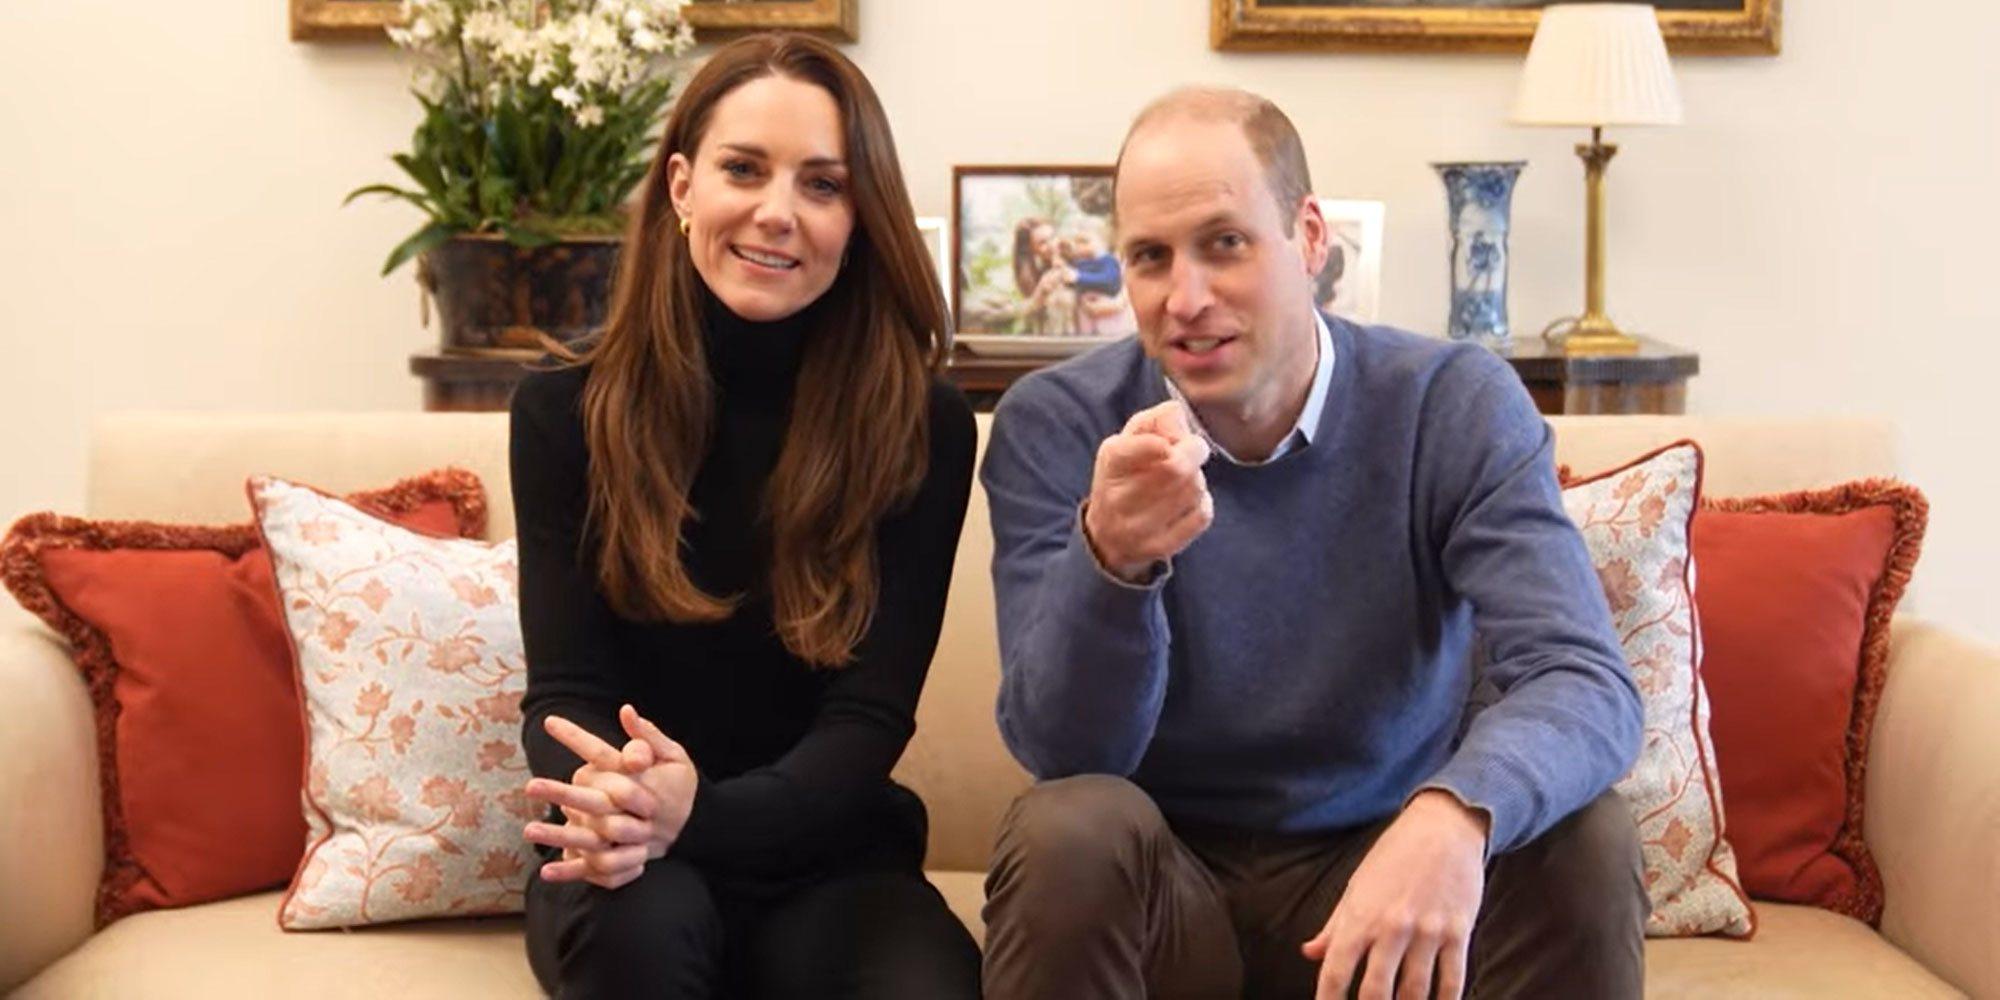 """El divertido vídeo del Príncipe Guillermo y Kate Middleton con el que estrenan canal de Youtube: """"Más vale tarde que nunca"""""""